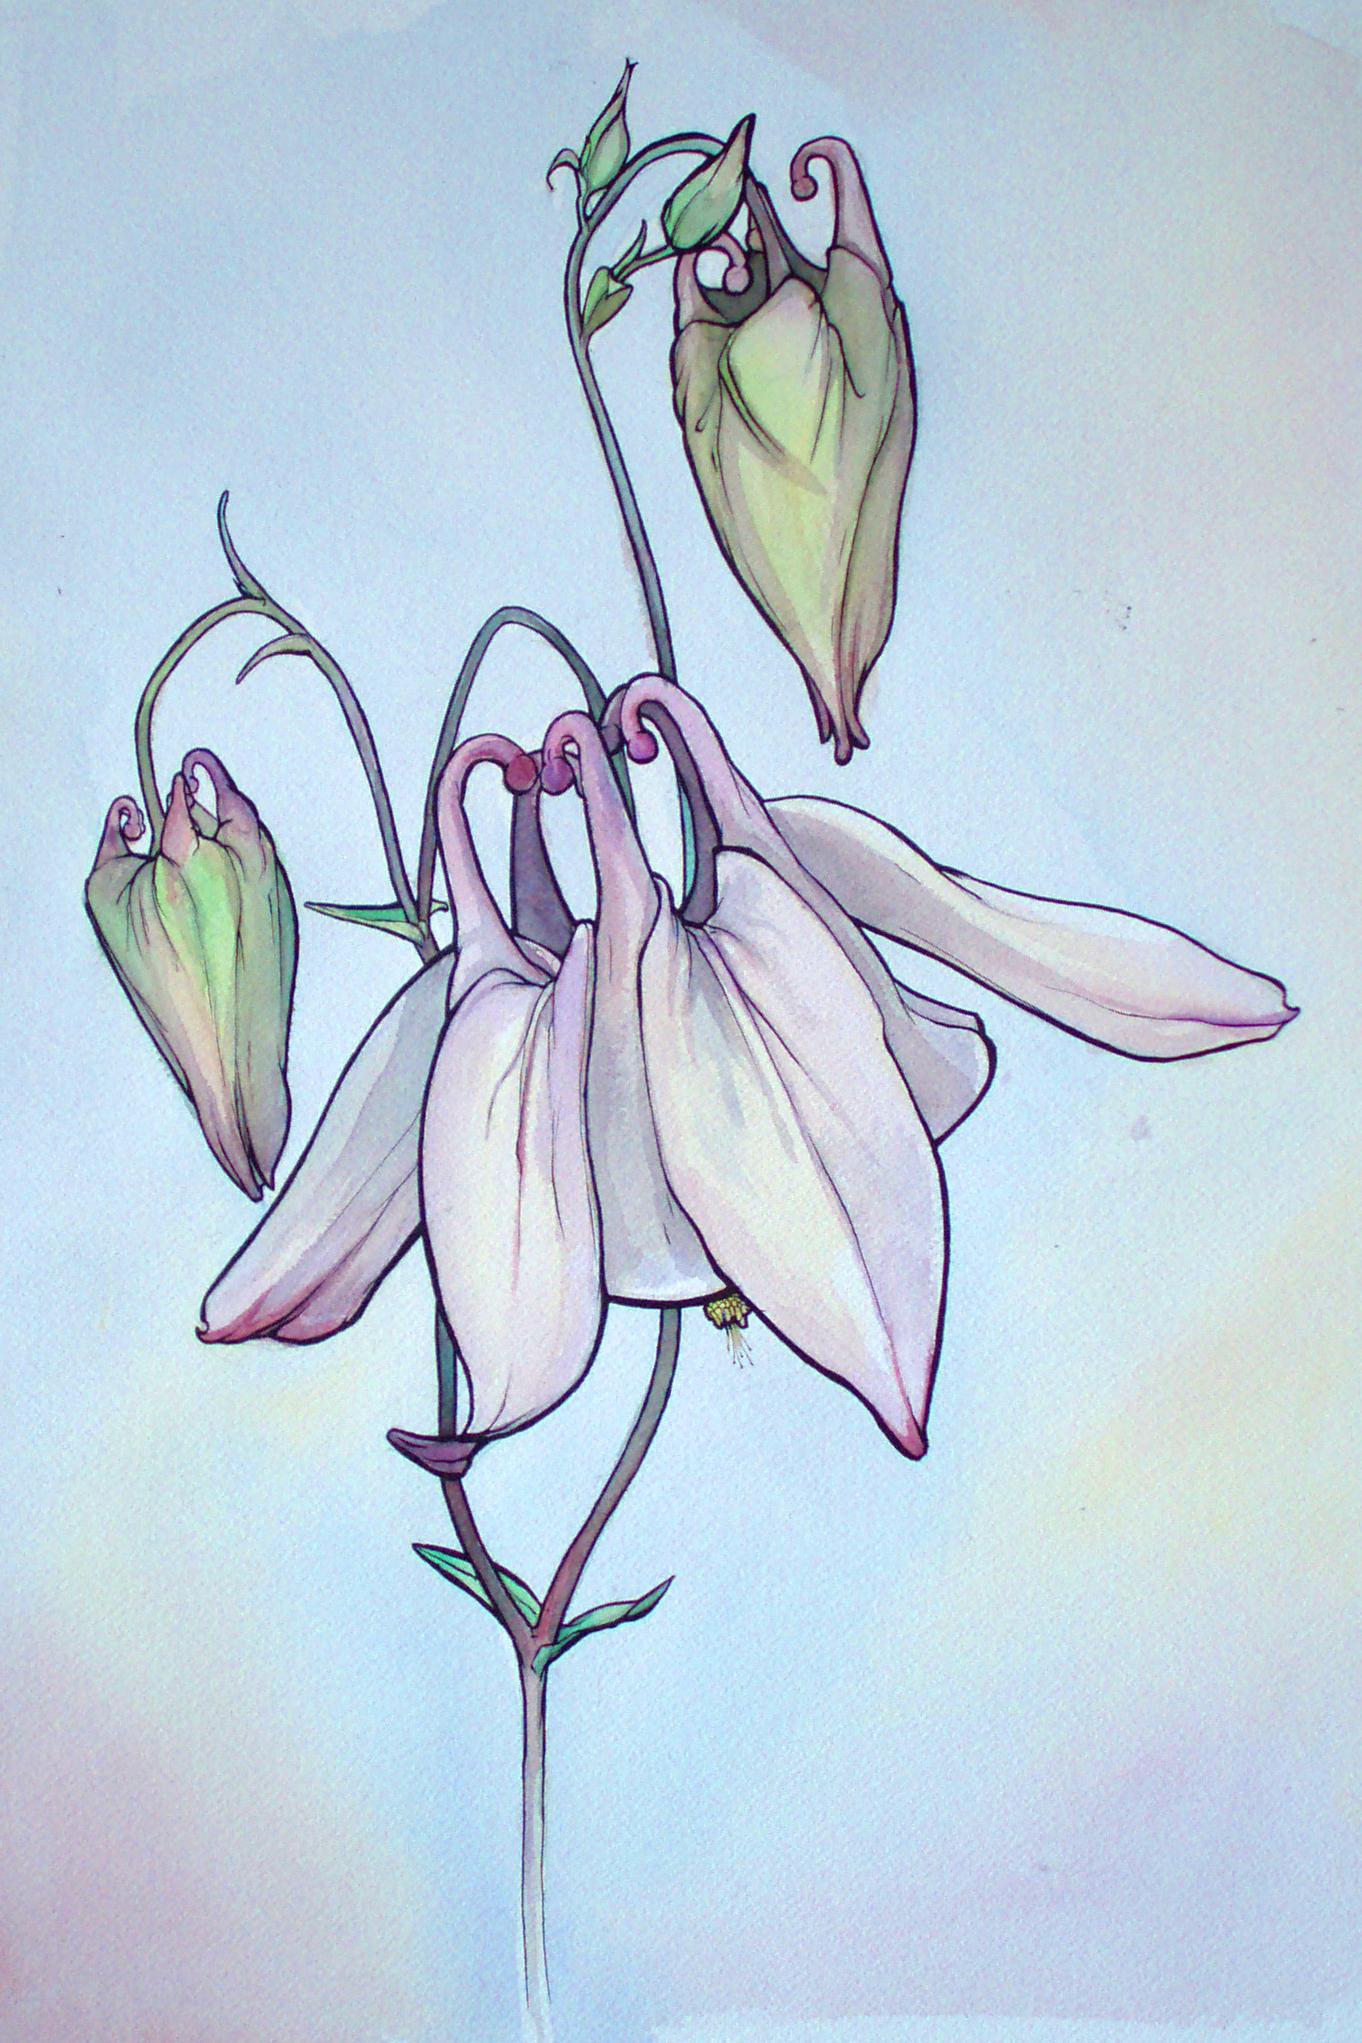 Alien Flowers (sold)